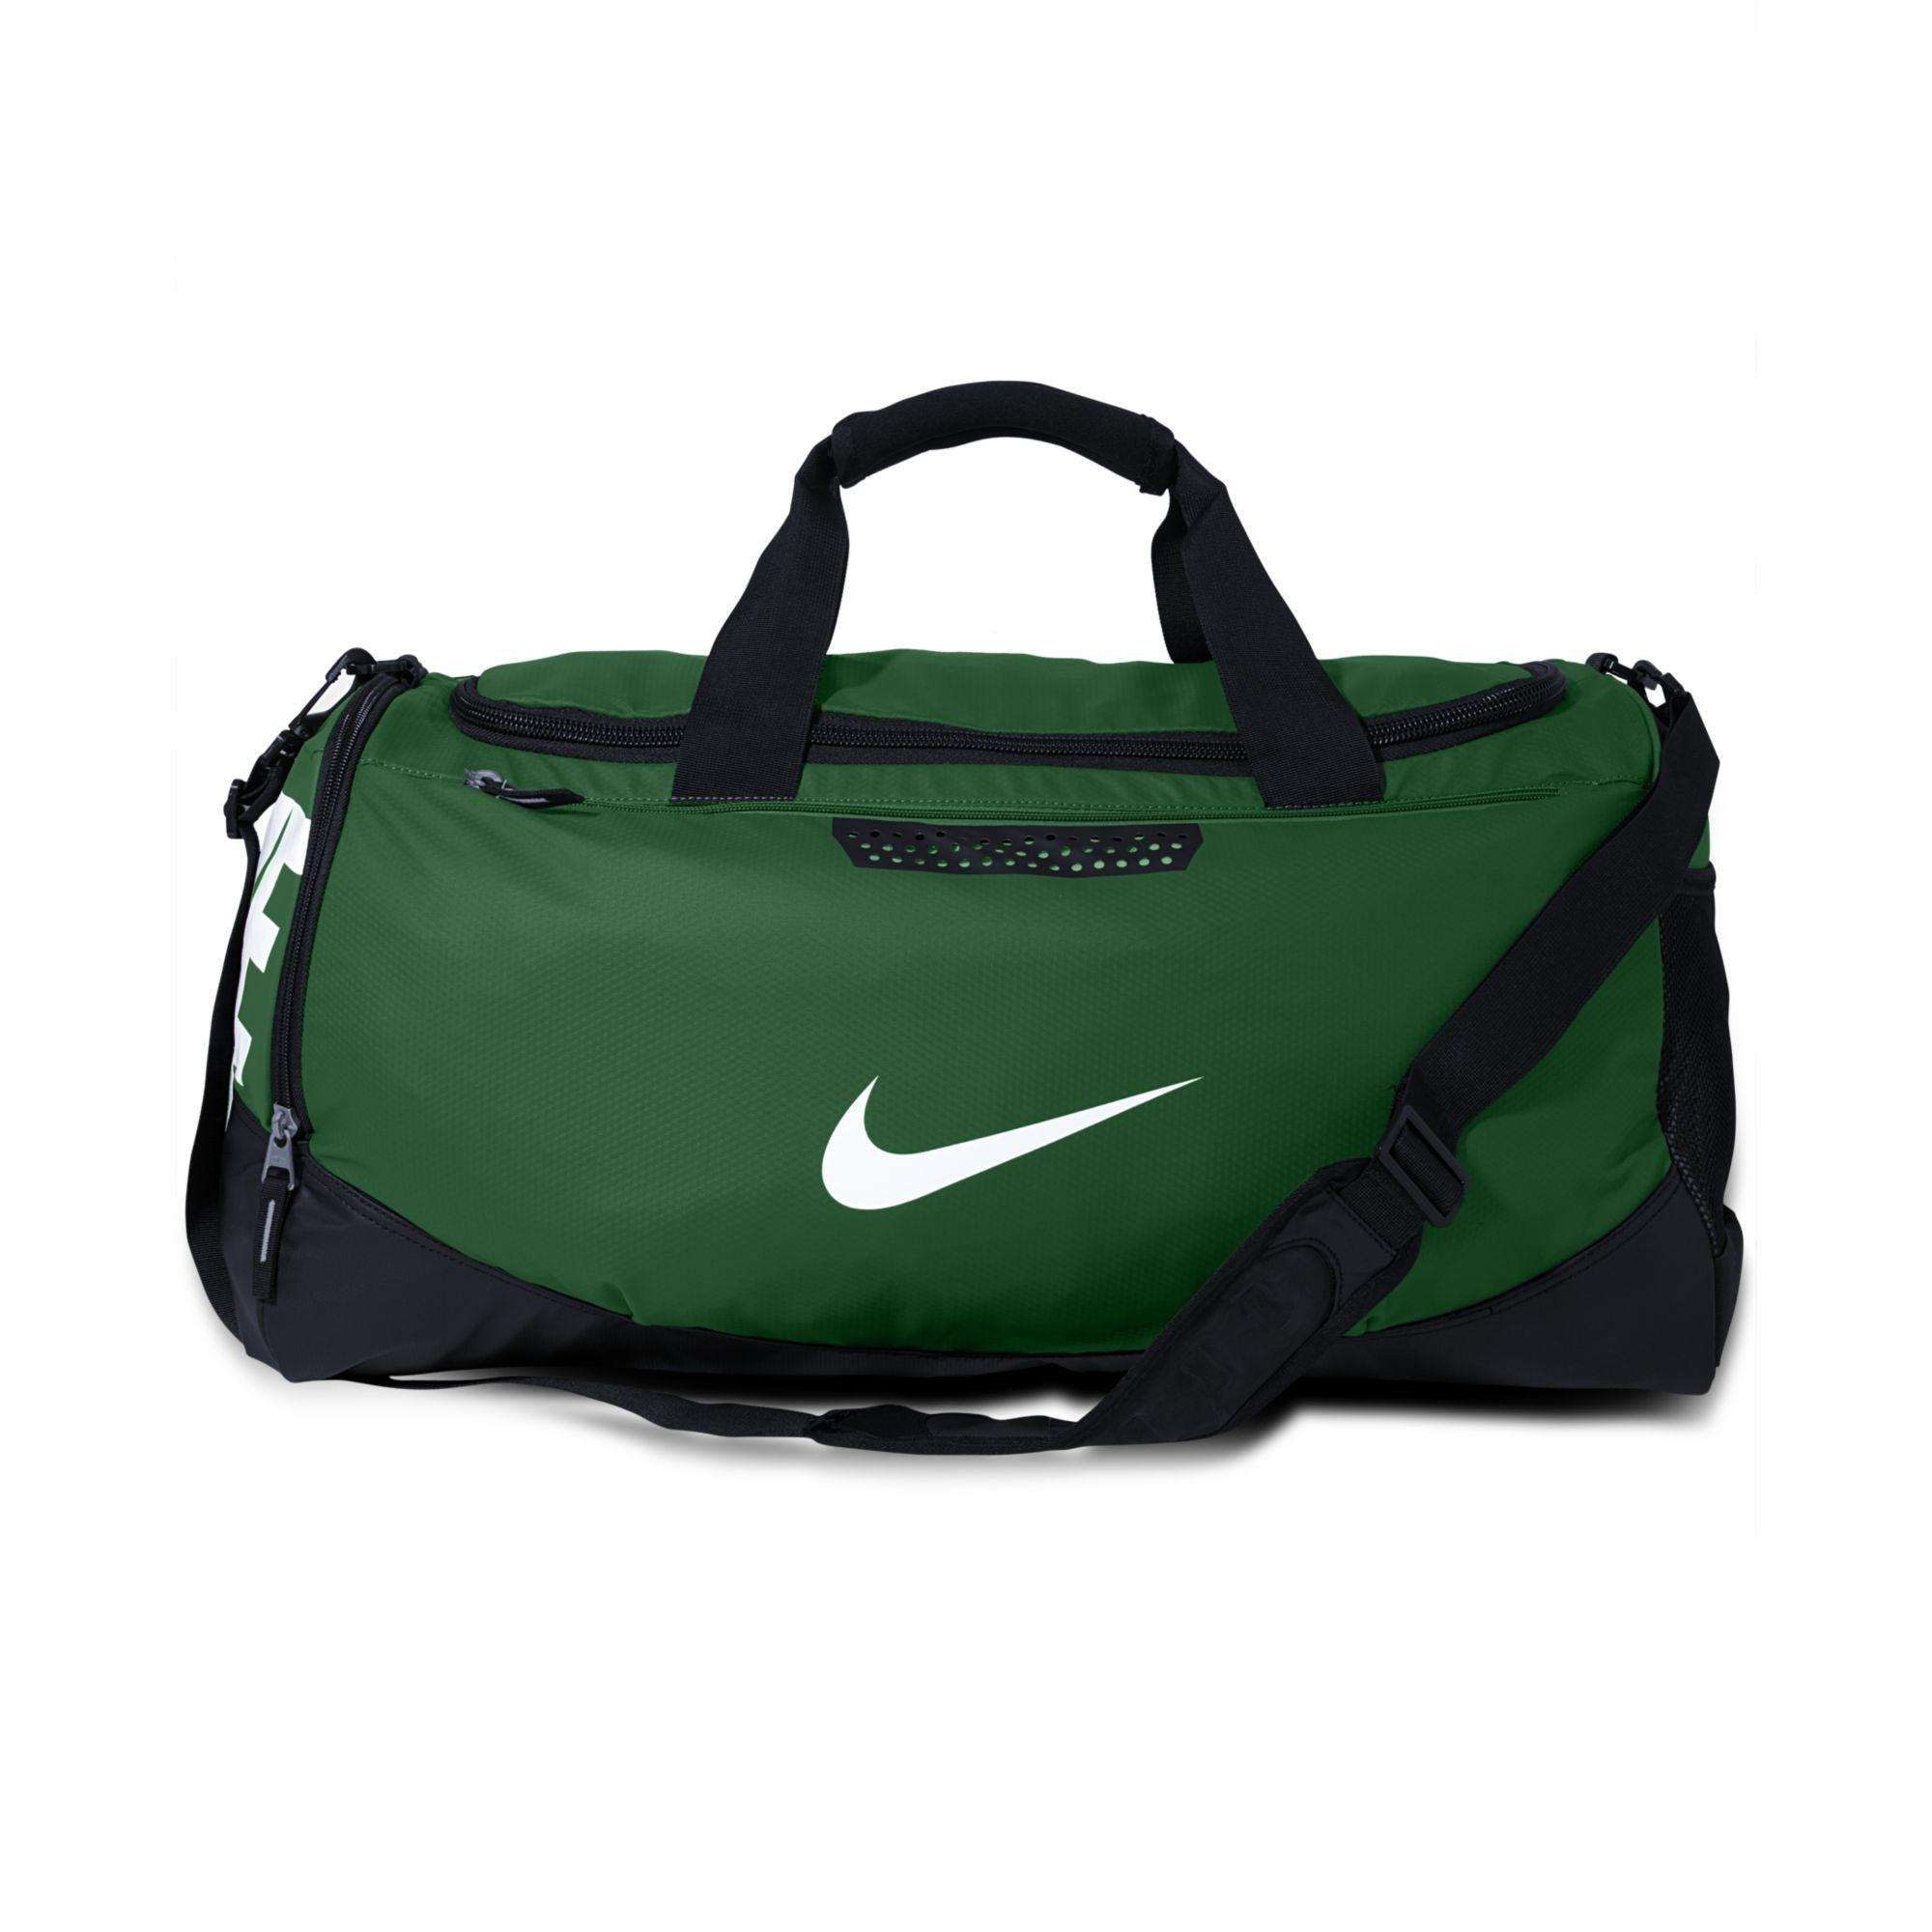 Air Bag Jack >> Nike Water Resistant Team Training Medium Duffle Bag in Green for Men | Lyst